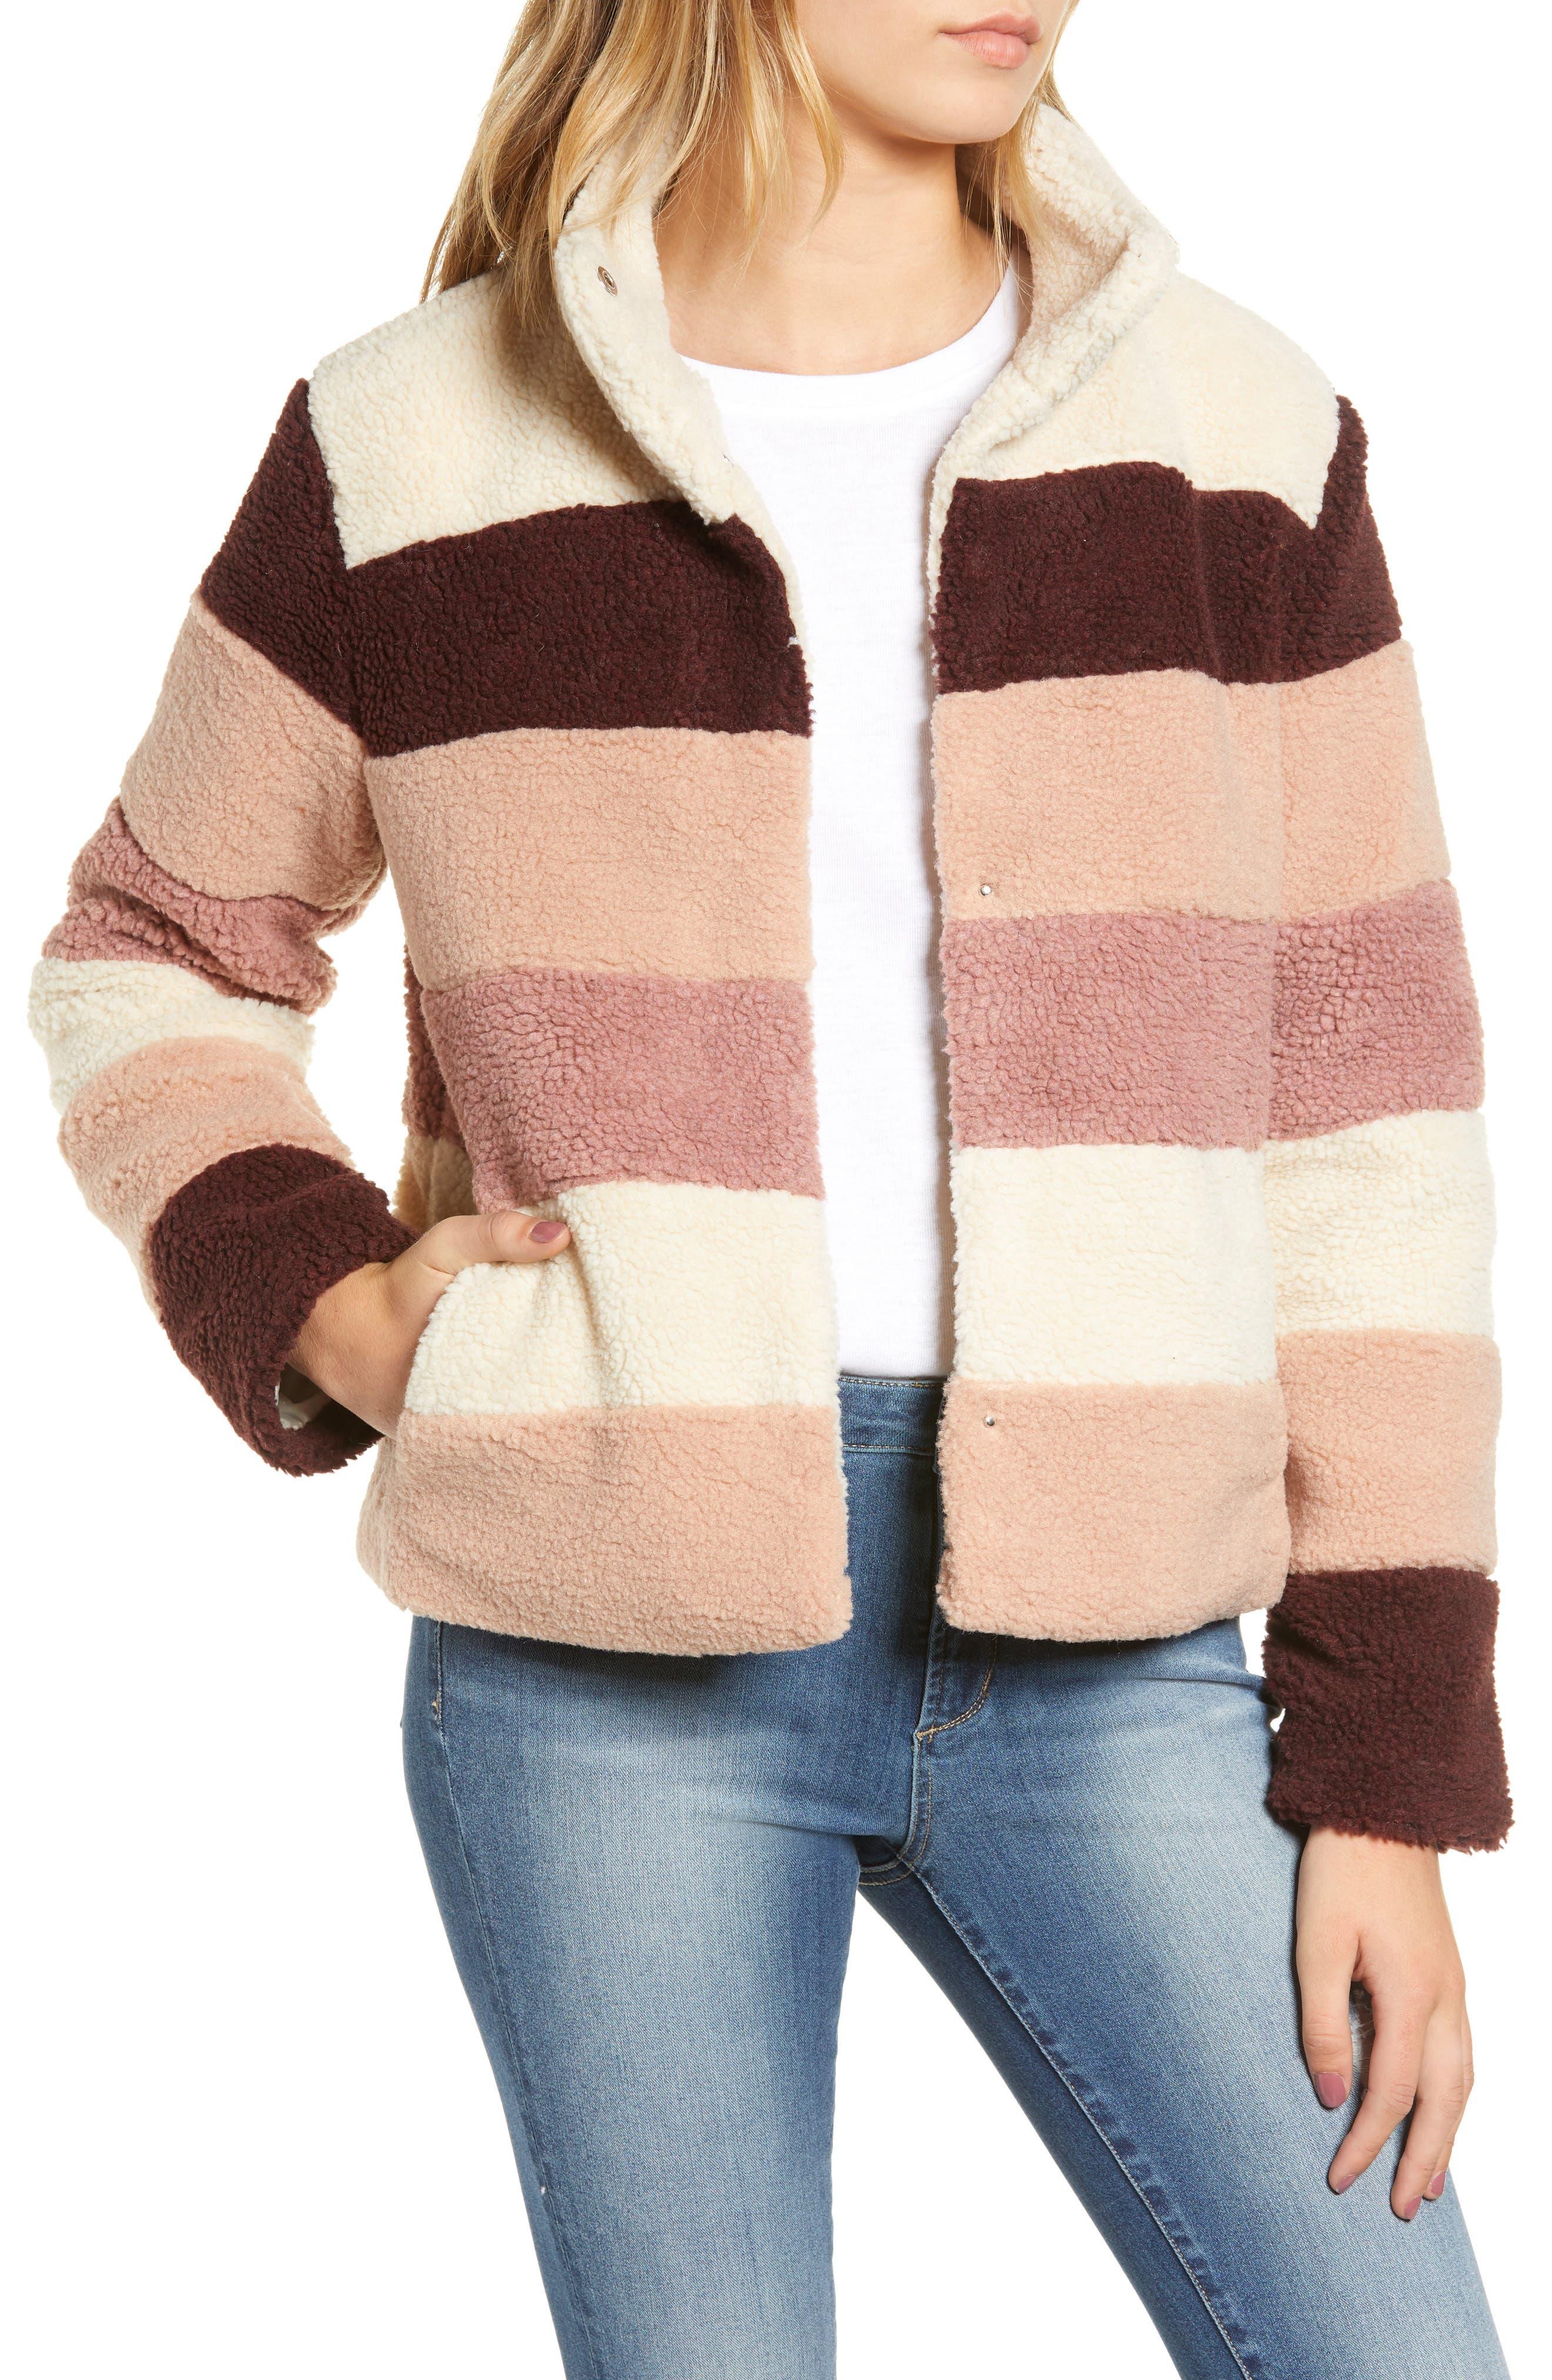 Stripe Faux Shearling Jacket,                         Main,                         color, IVORY EGRET MUTLI STRIPE